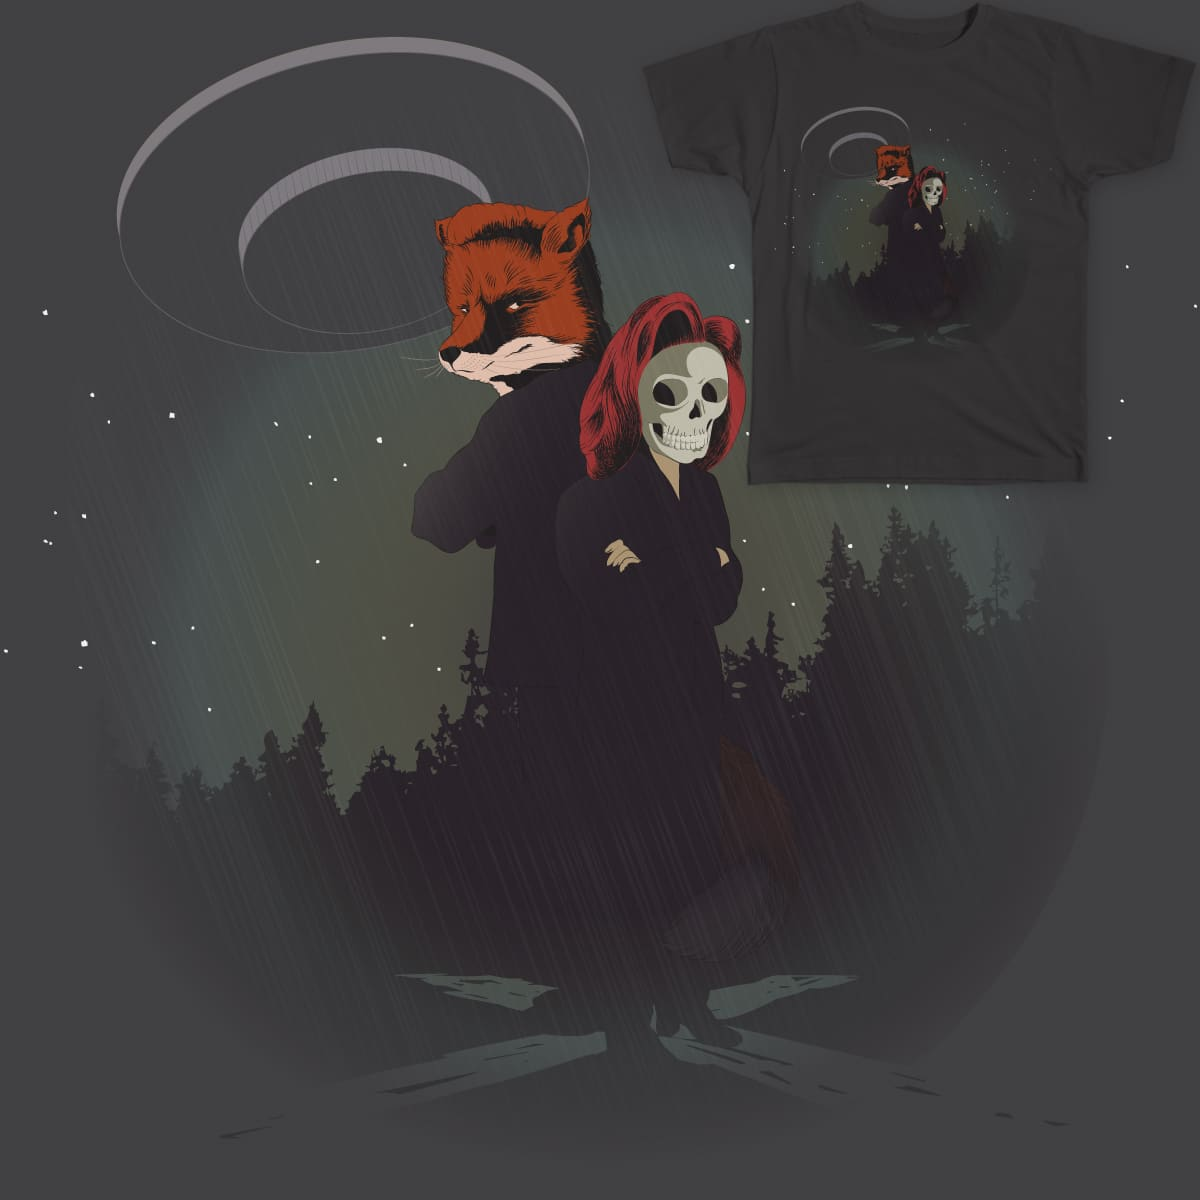 Fox and Skully by nova_i on Threadless